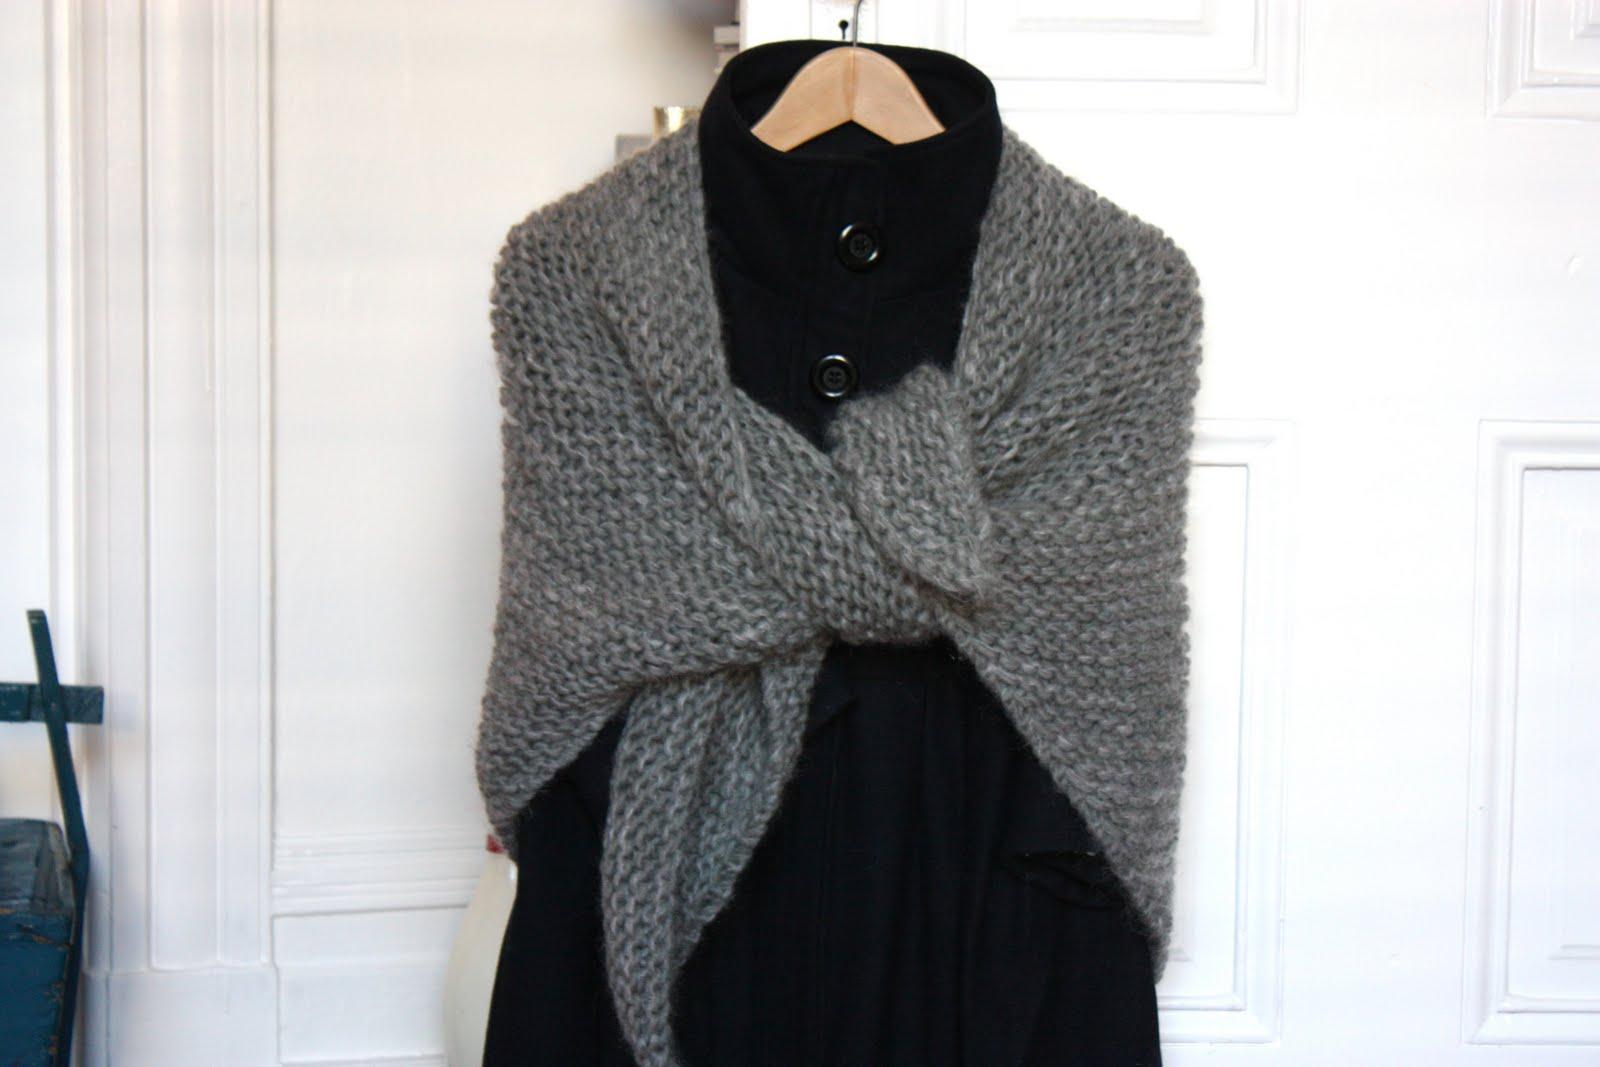 Mod le chale tricot debutant - Apprendre a tricoter debutant ...